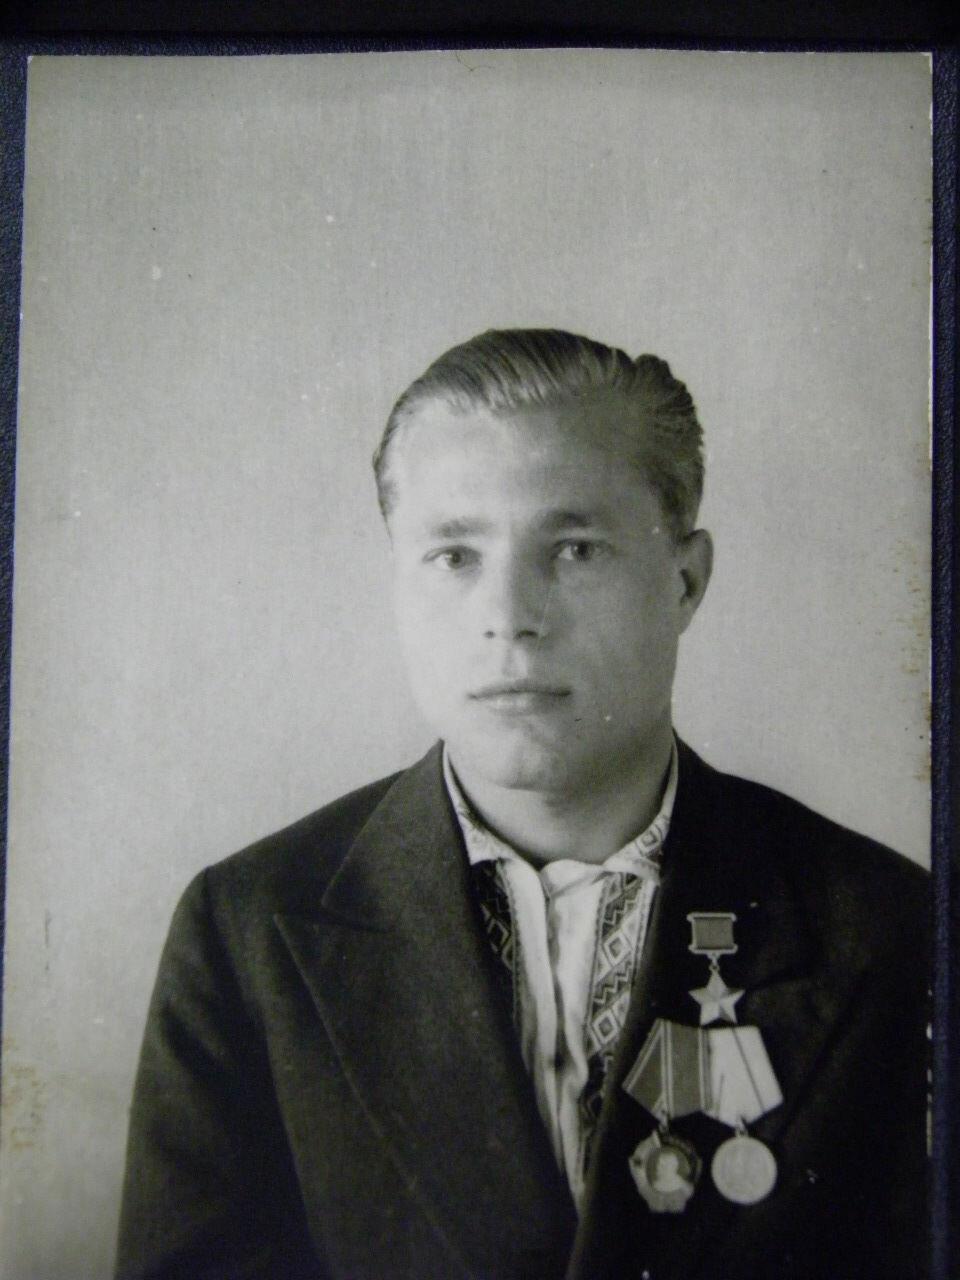 Александр Елисеевич Кривец (1919 — 1992), командир партизанского отряда имени Щорса, Герой Советского Союза